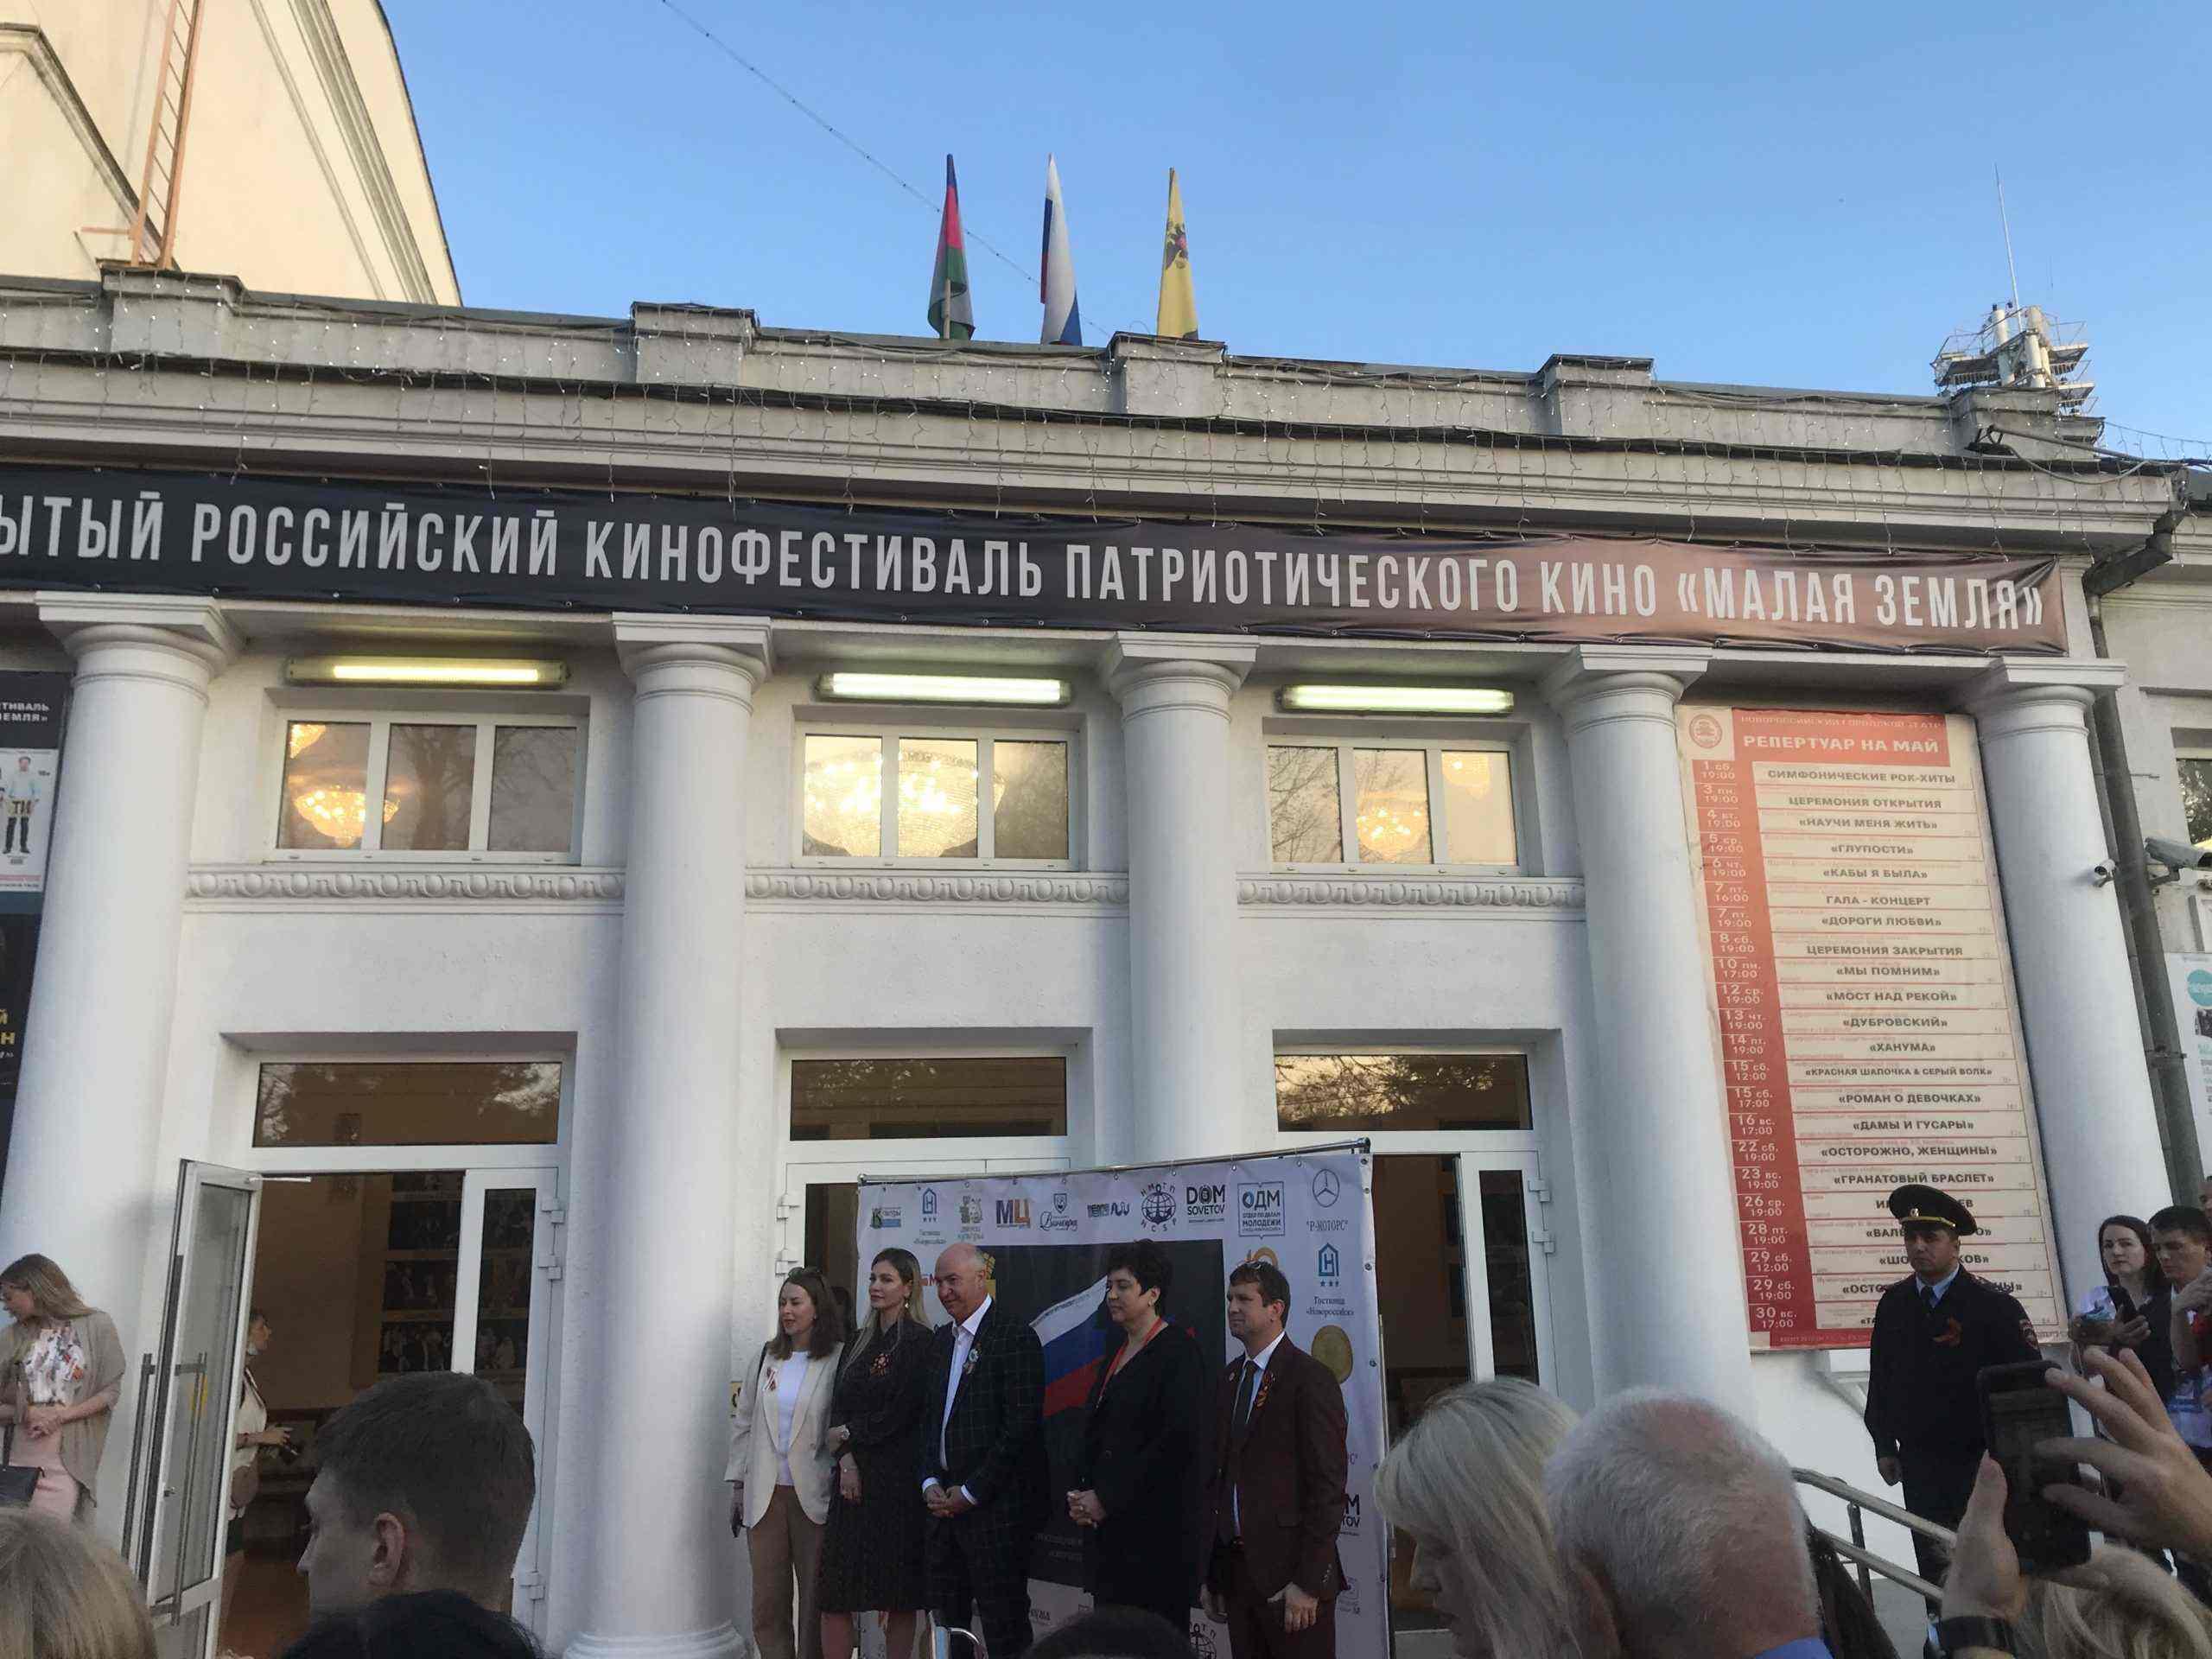 В Новороссийске стартовал первый Всероссийский кинофестиваль патриотического кино «Малая Земля». «Звезды» уже здесь